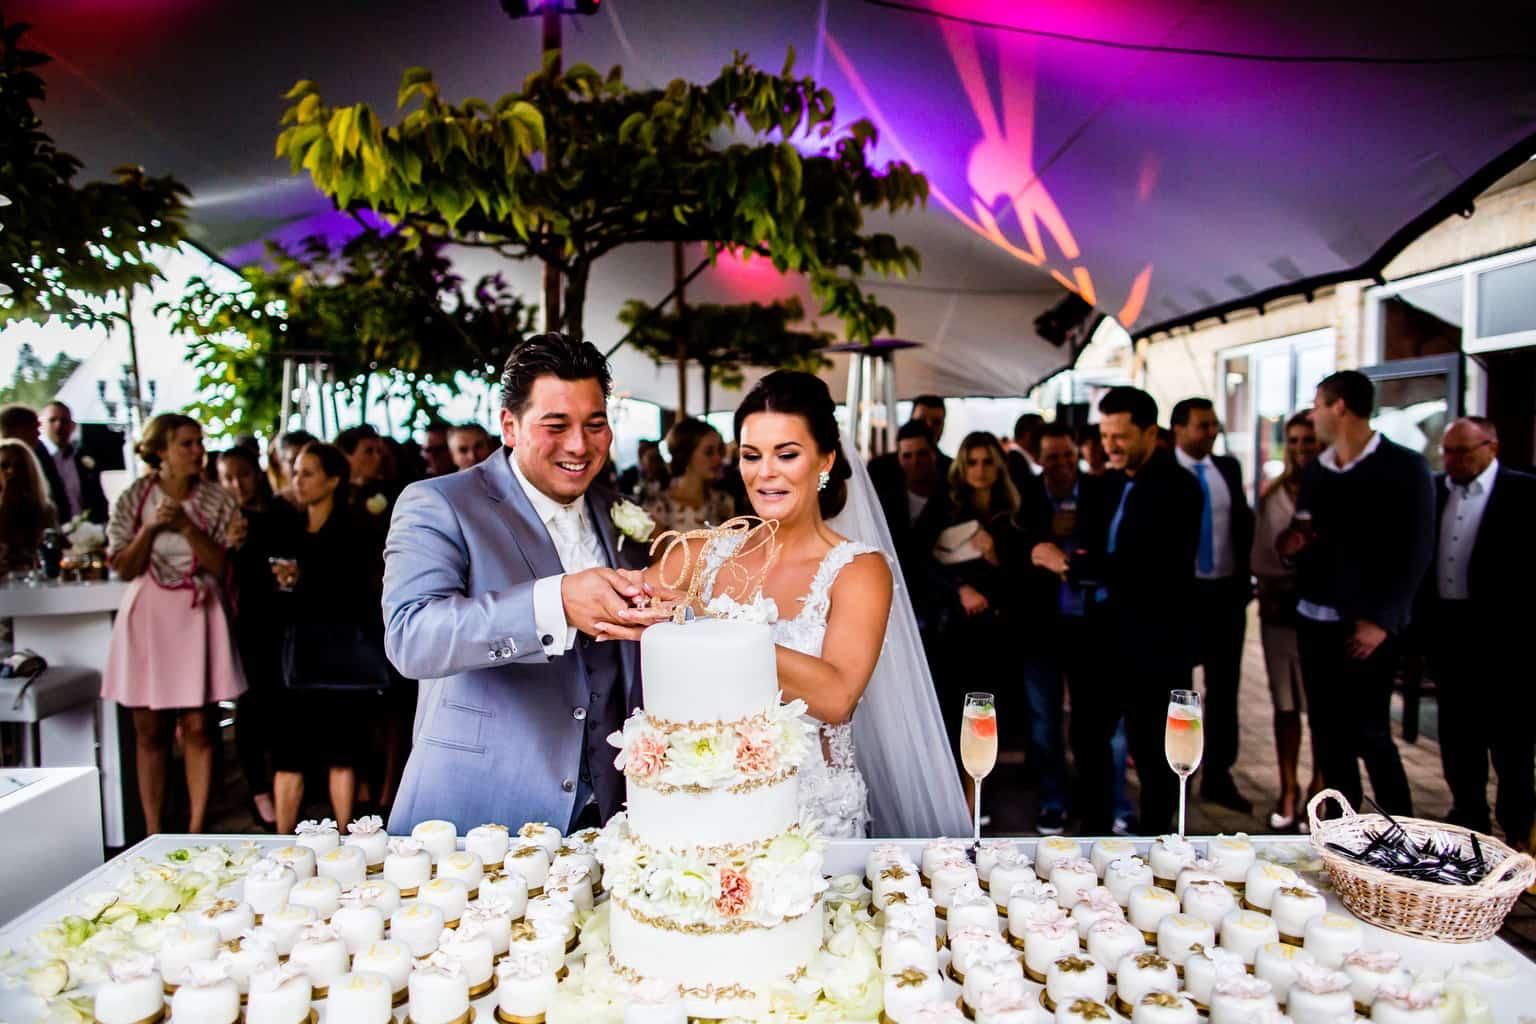 trouwen , bruiloft regelen, bruidstaart Cake Affair, Weddingplanner, wedding en planning, fotocredits Eppel Fotografie